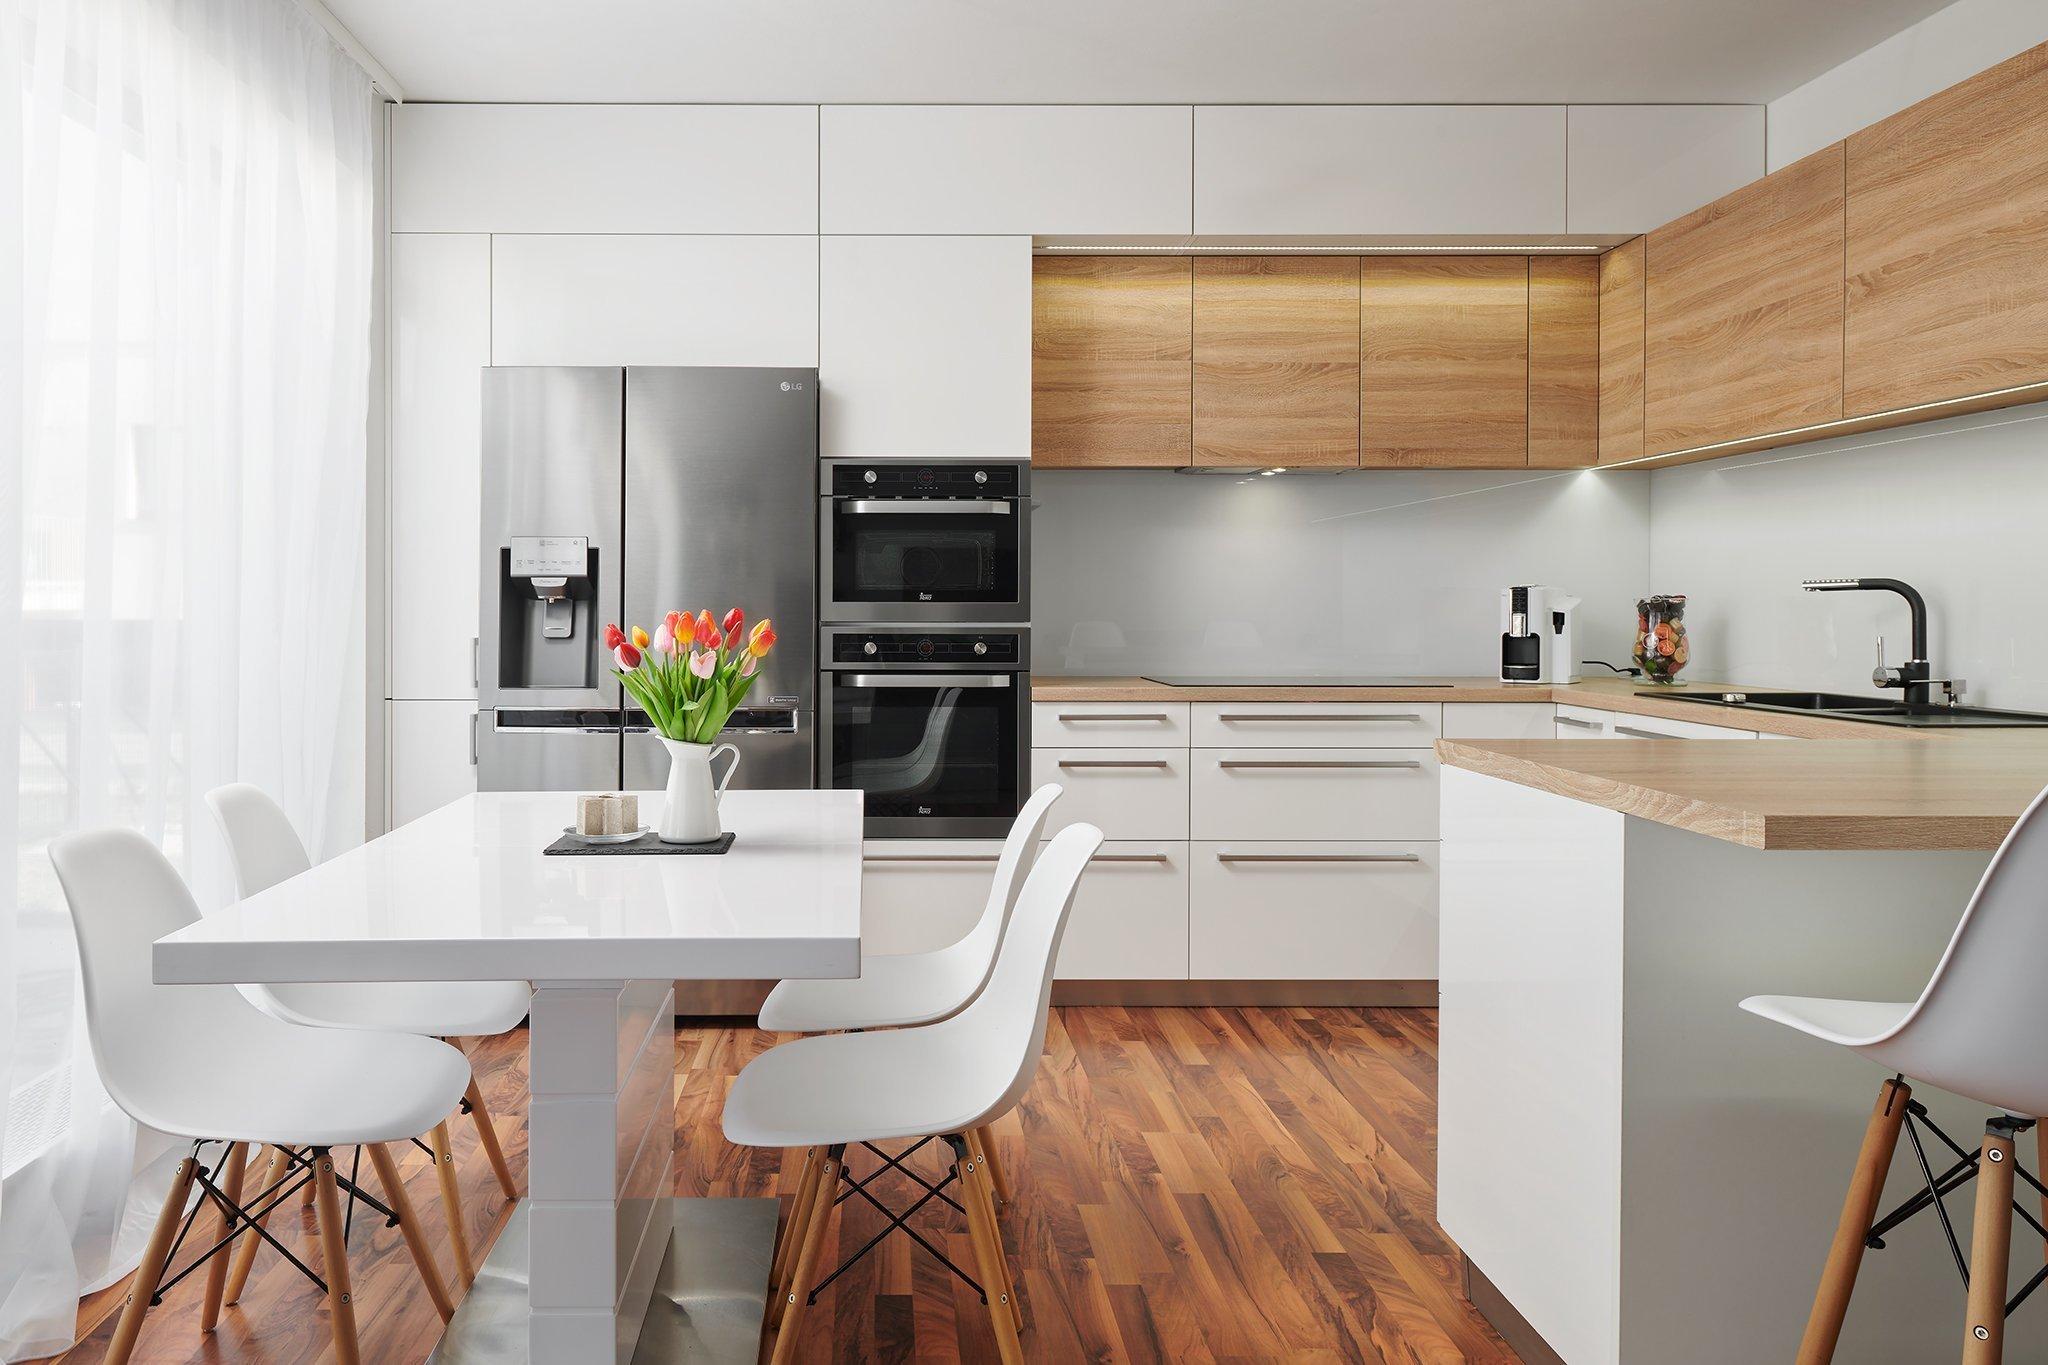 Moderní kuchyněInfini s jemně skandinávskýmnádechem.Kuchyně do Ljsou ideální volbou pro menší a střední prostory.